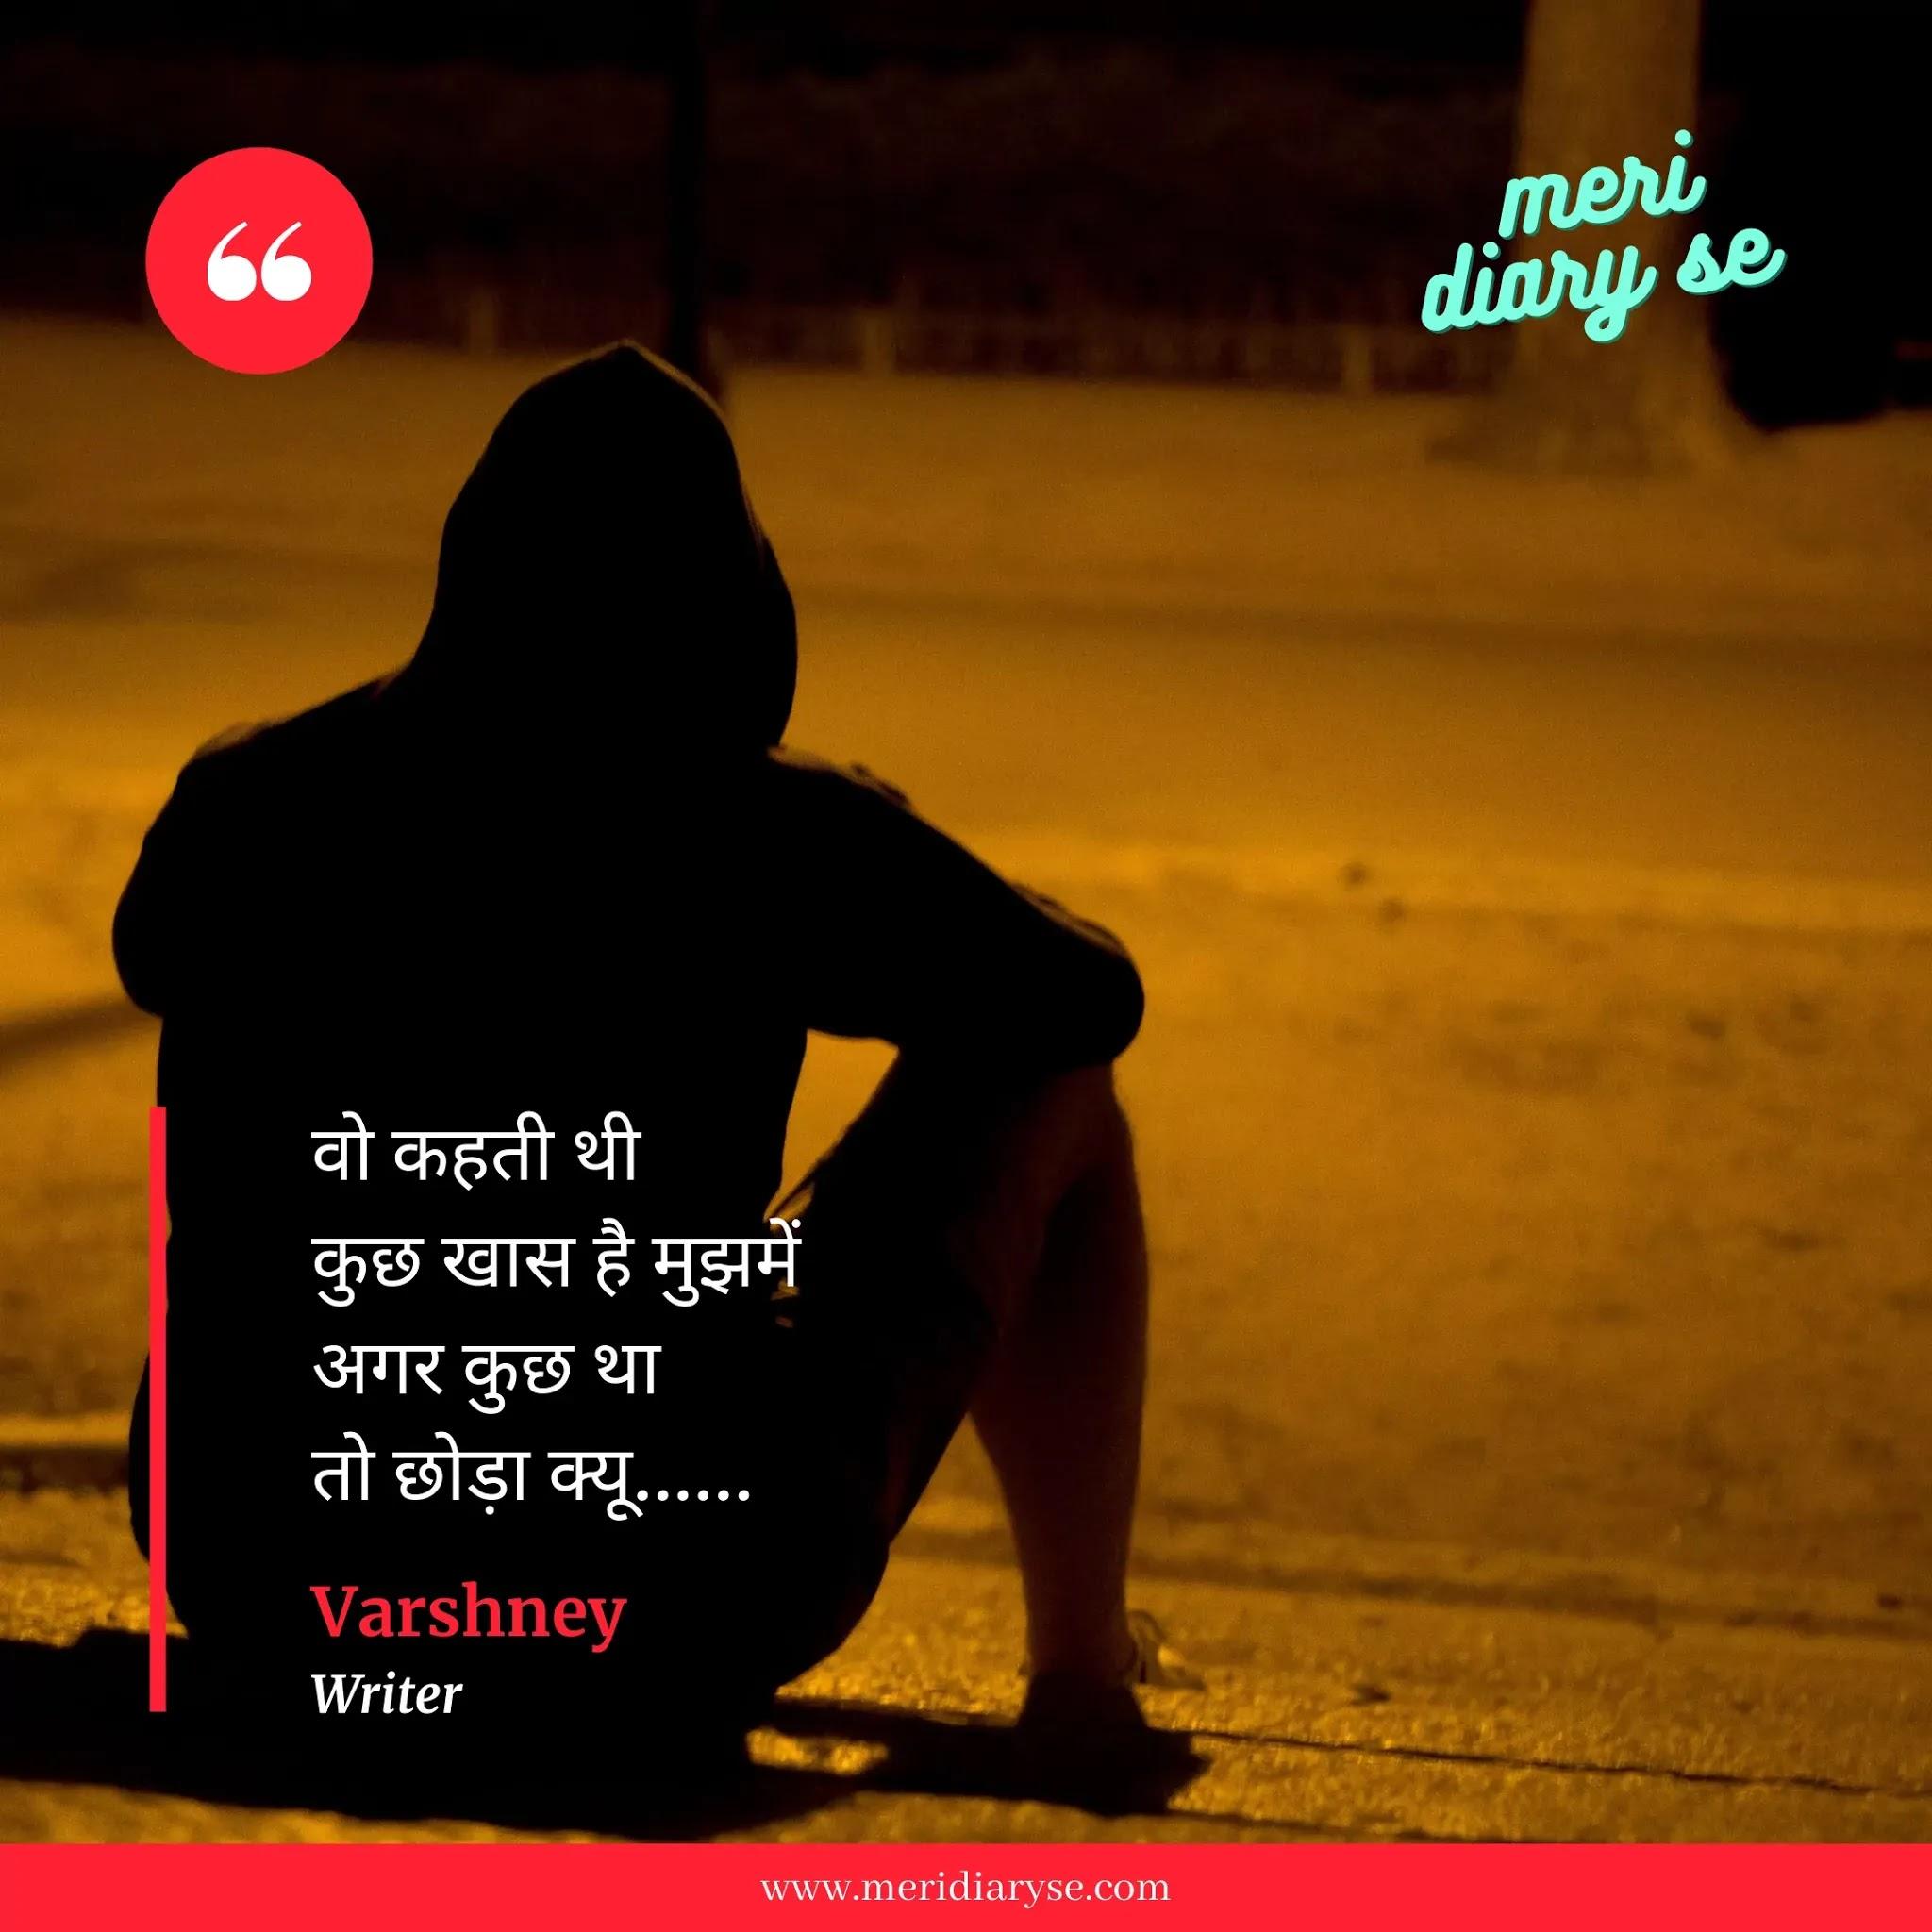 Sad Shayri at Meri Diary Se